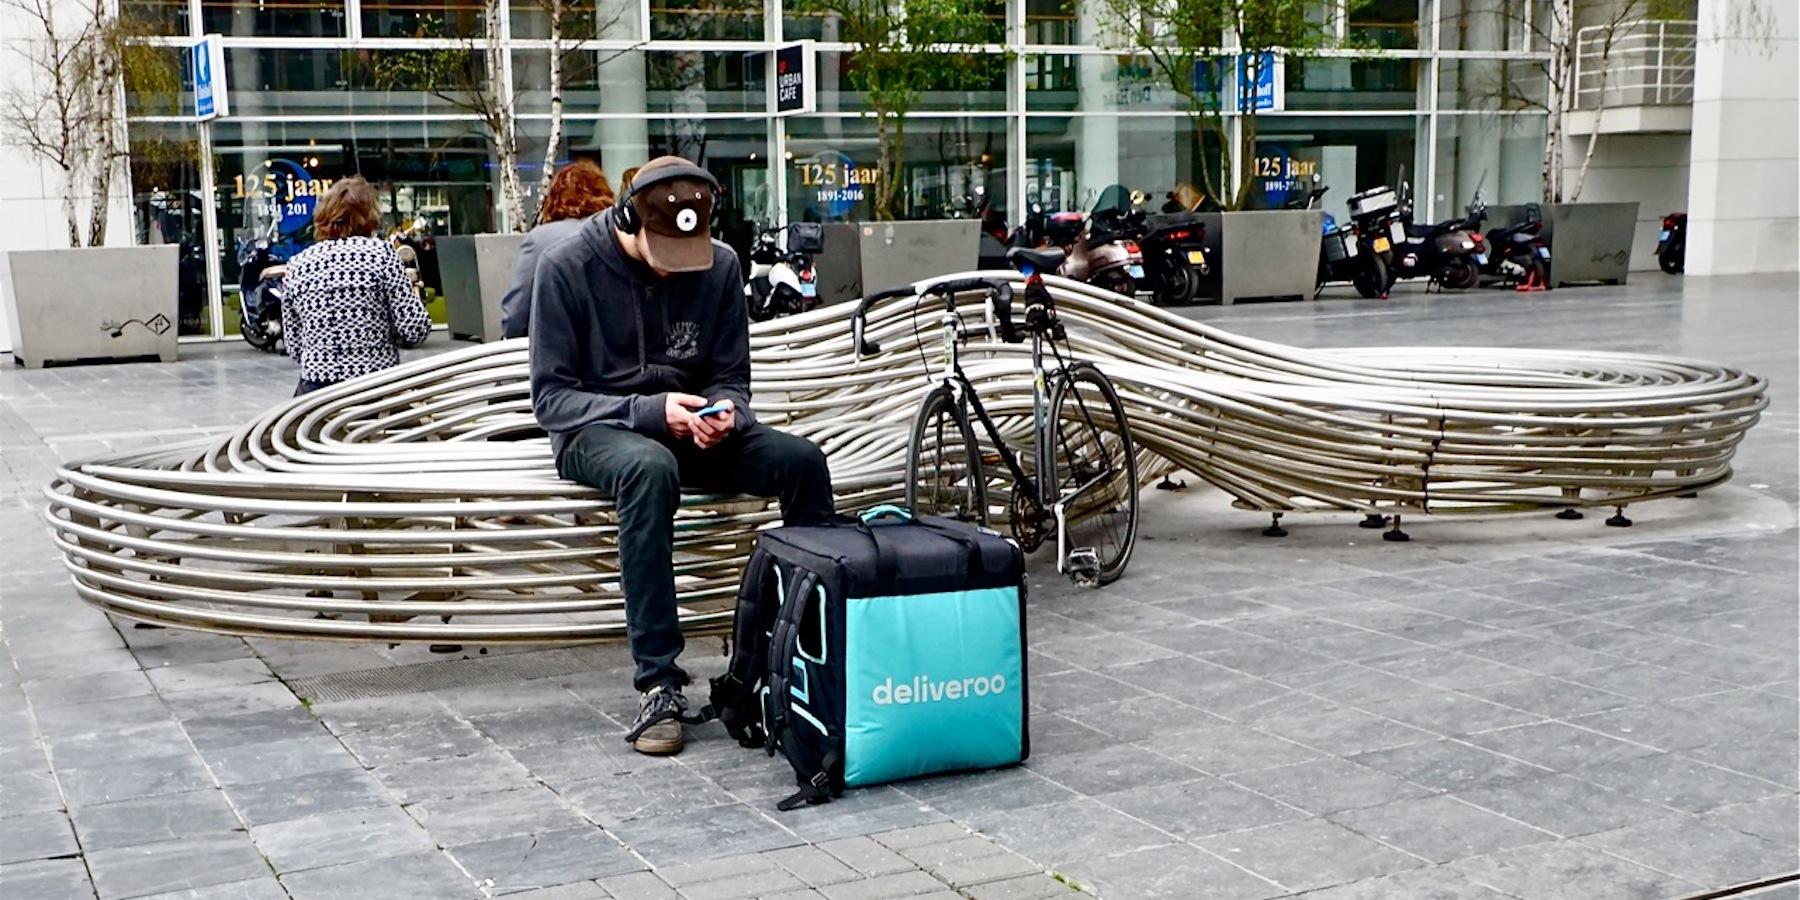 Avec cette application, les coursiers à vélo ne se font plus exploiter